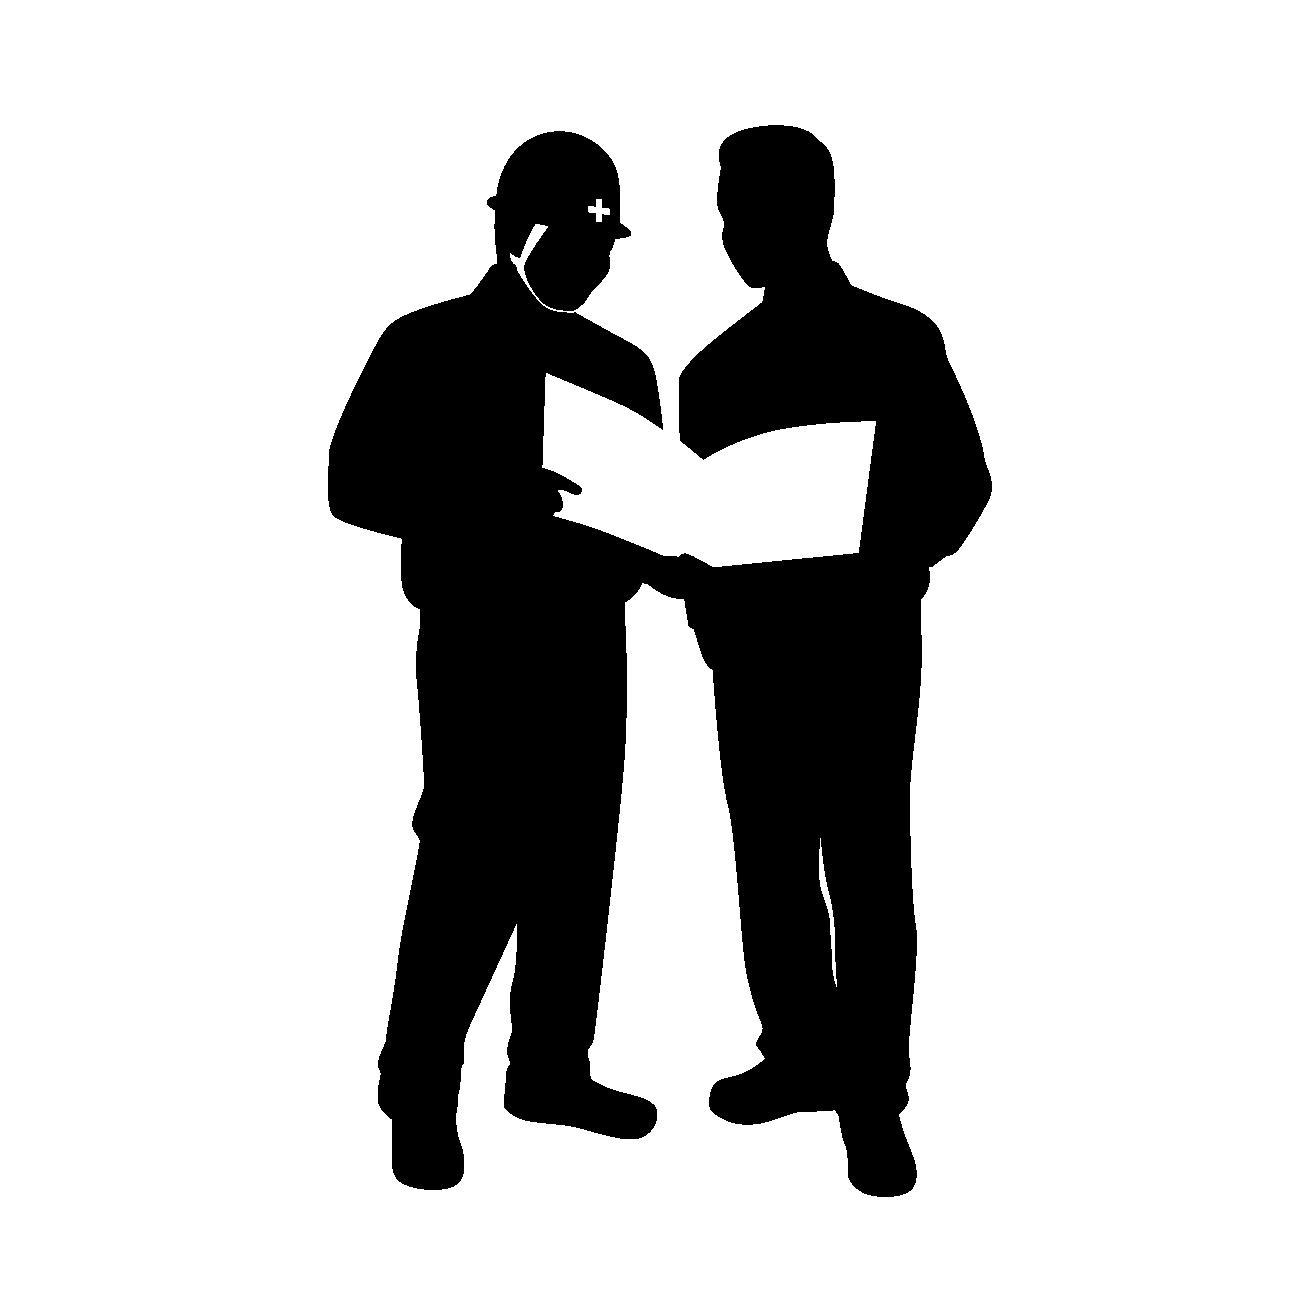 最近は、元請け業者から、建設業許可を取得するように求められるケースが激増しております!